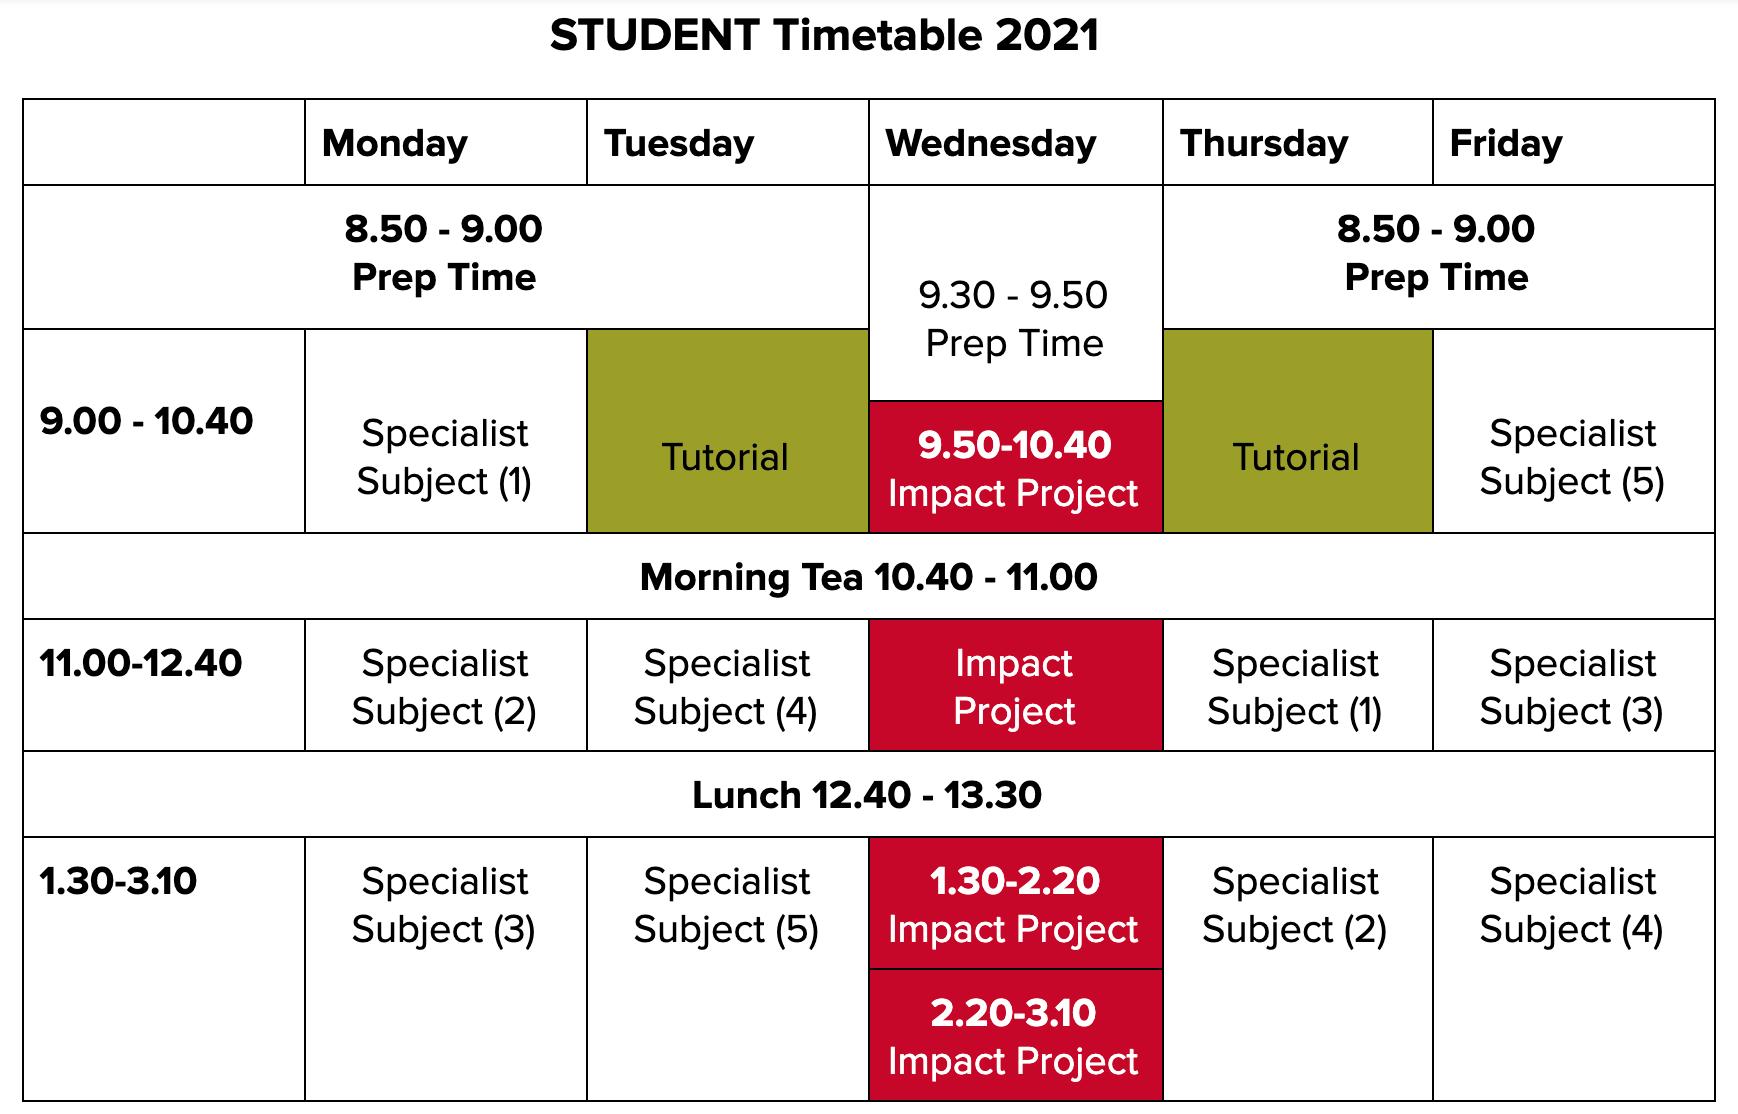 ASHS Student TT 2021